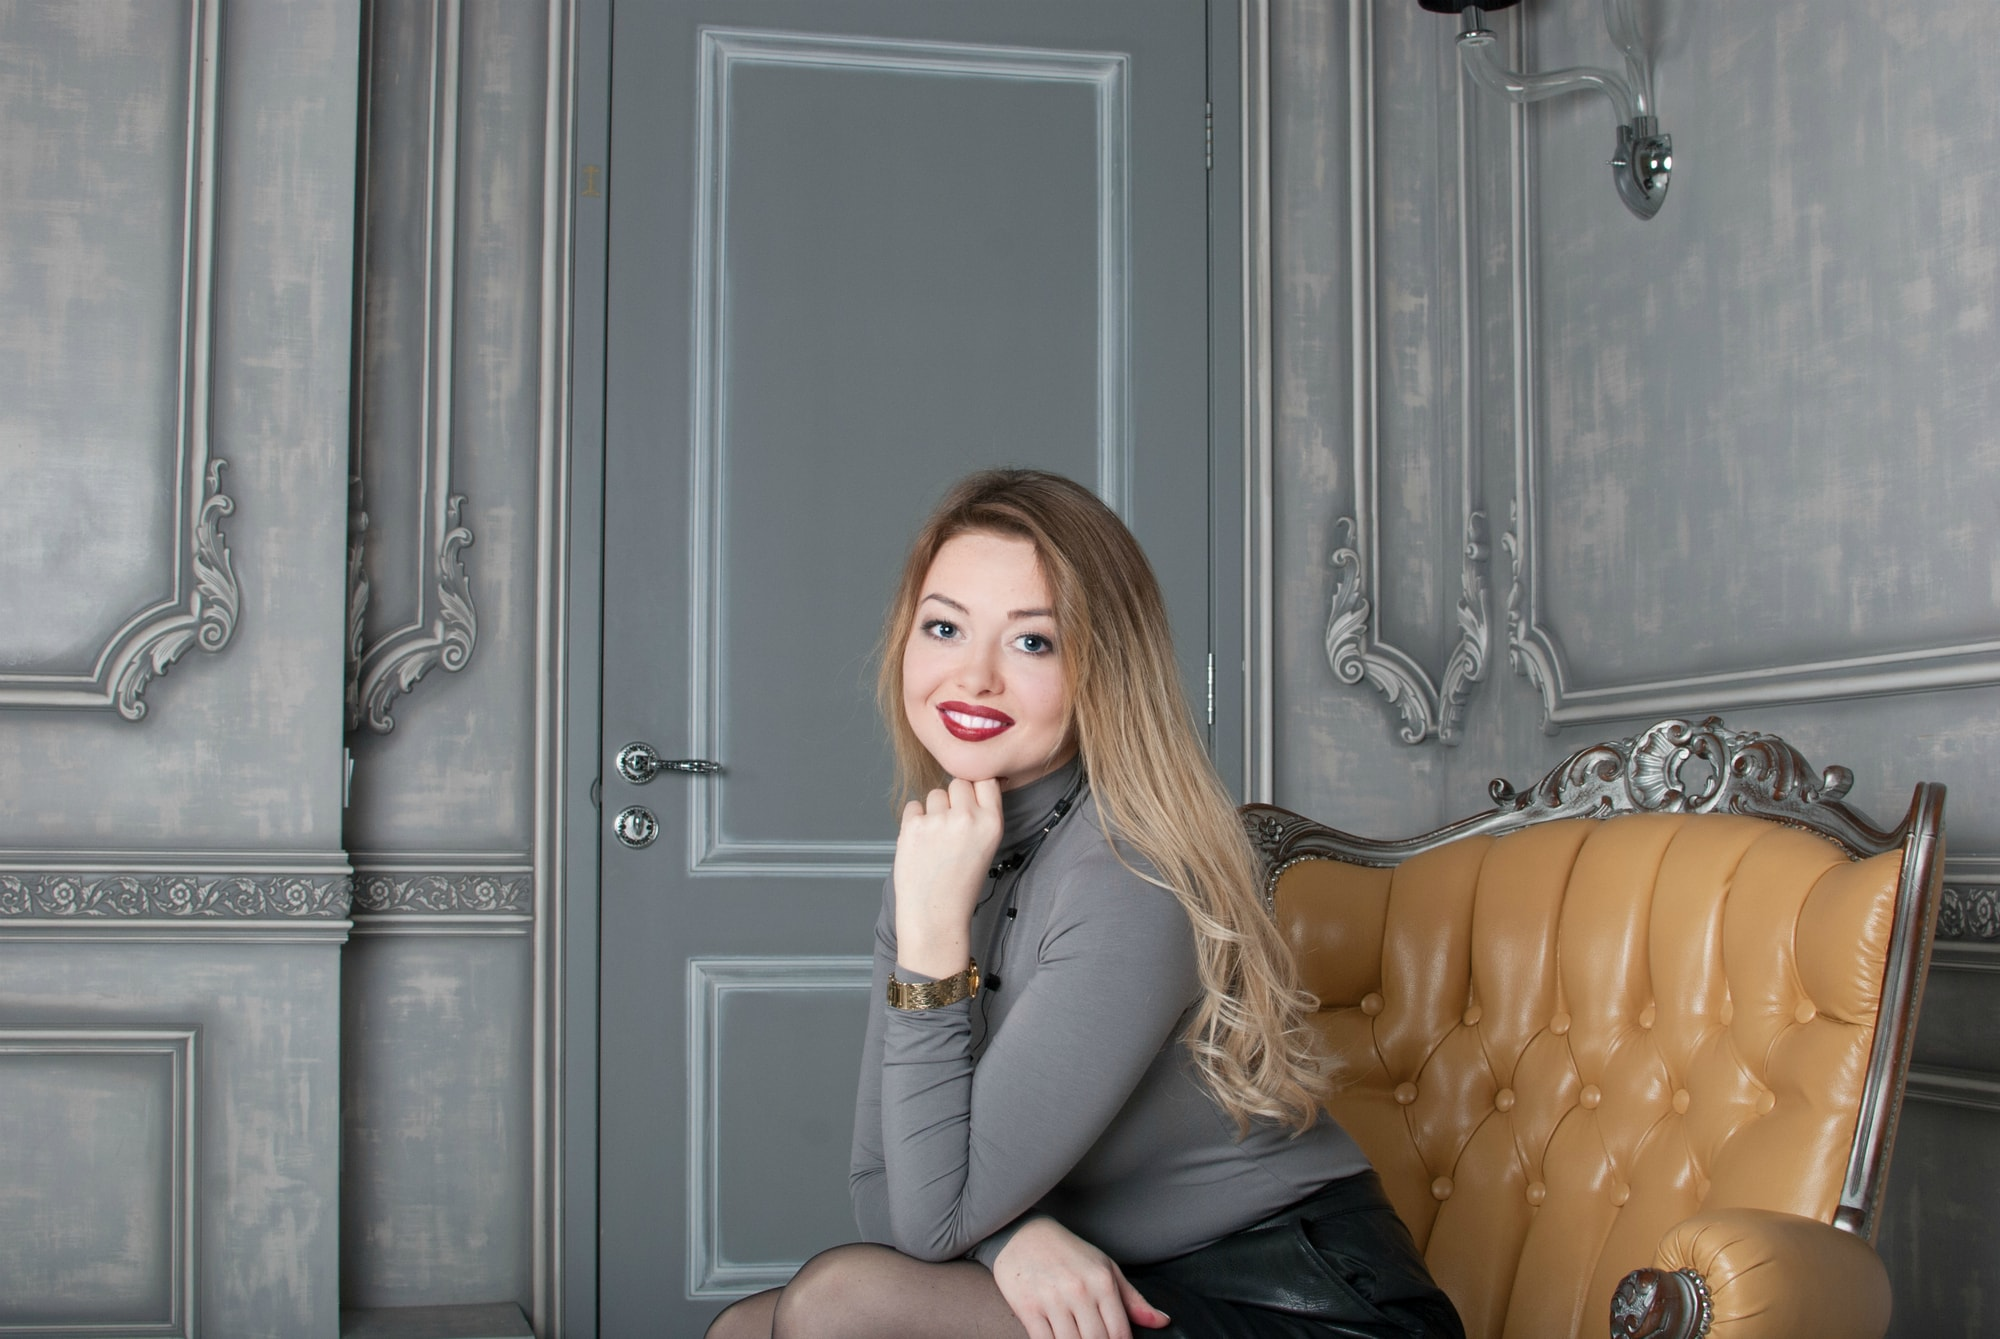 Портфолио для девушки. Фотосессия в студии. Киев.